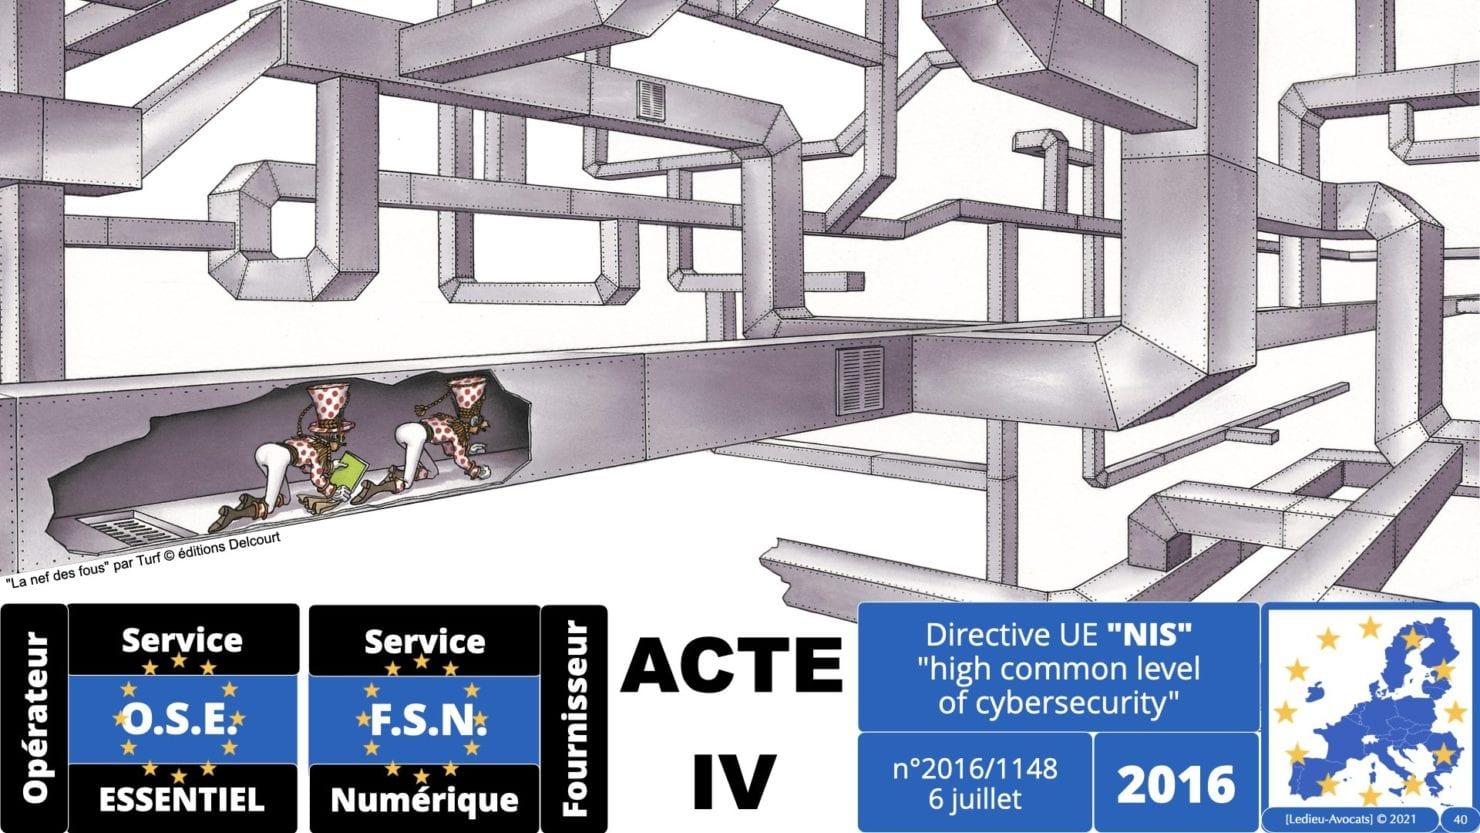 342 cyber sécurité #2 OIV OSE analyse risque EBIOS RM © Ledieu-avocat 15-07-2021.040